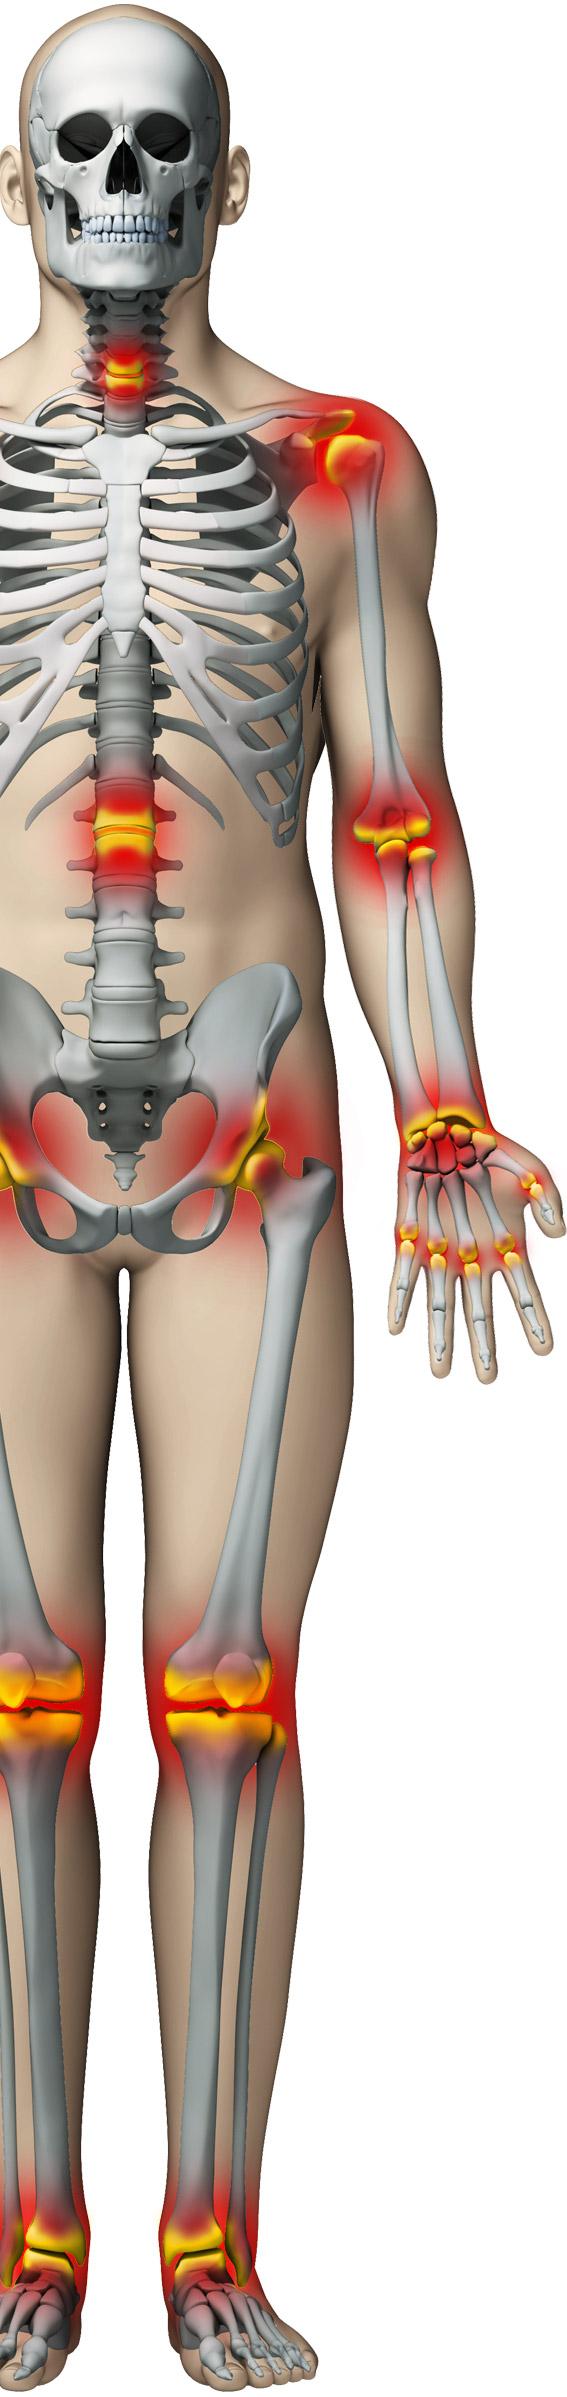 Fuga de dureri articulare. Genunchii dureroși când mergeți pe scări. Tratarea genunchilor dureroși